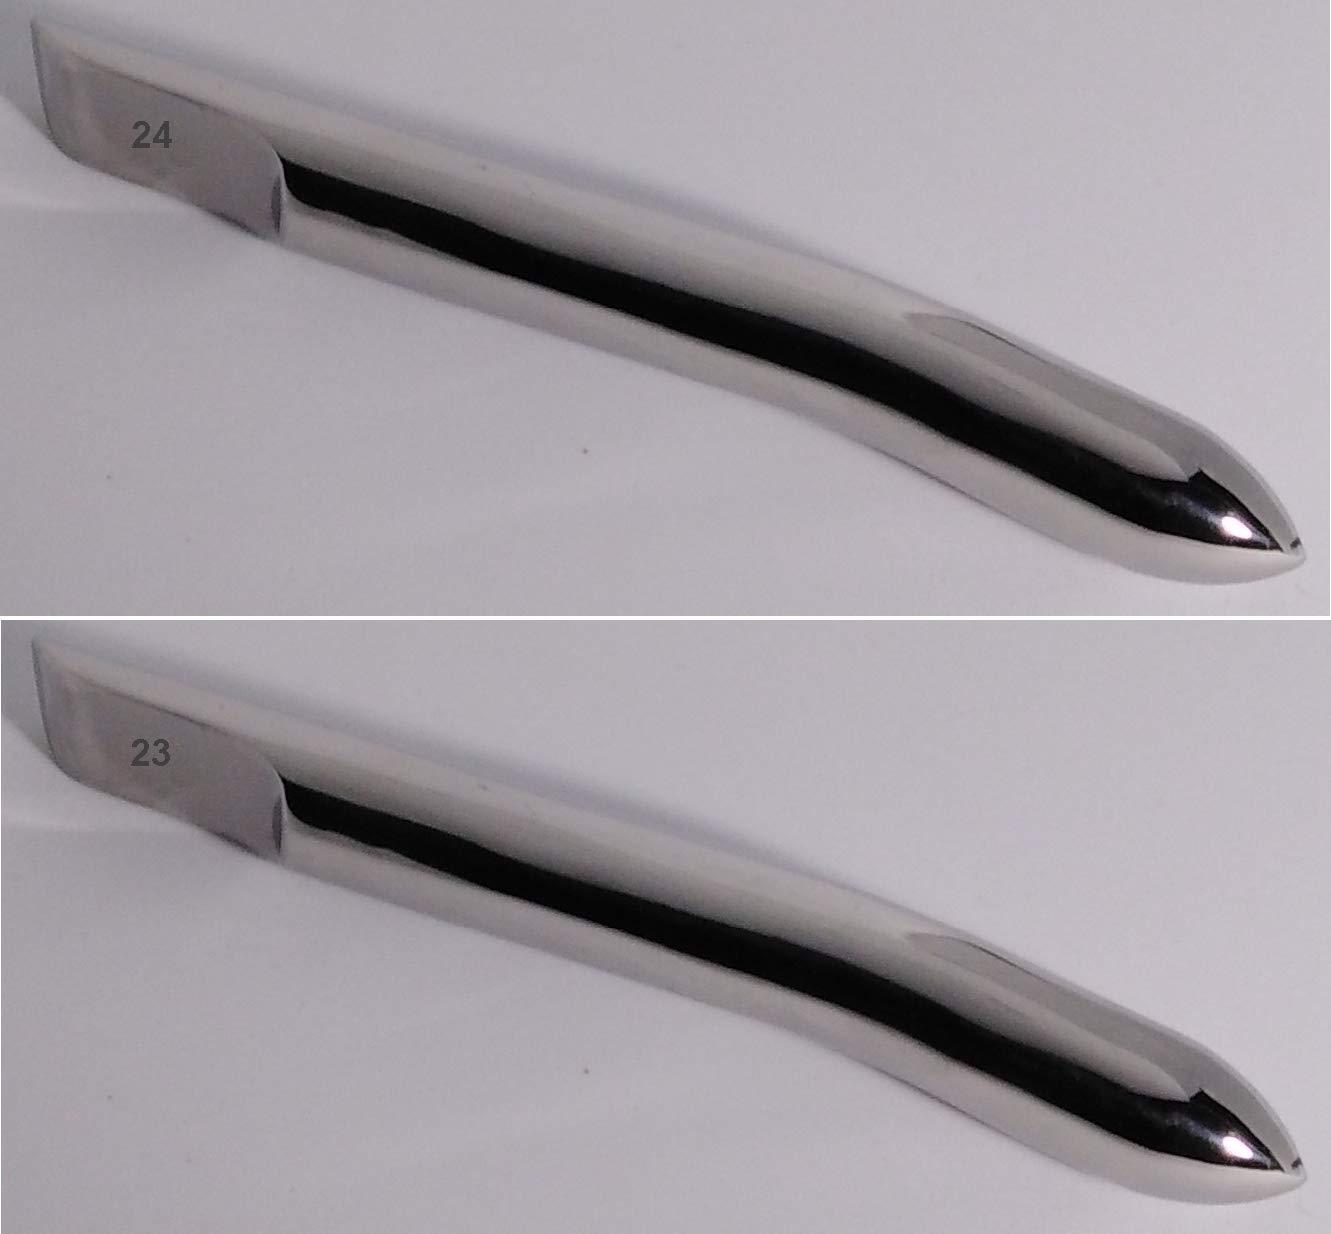 Dilatador uterino Hegar 190 mm x 21mm Ø forma cónica